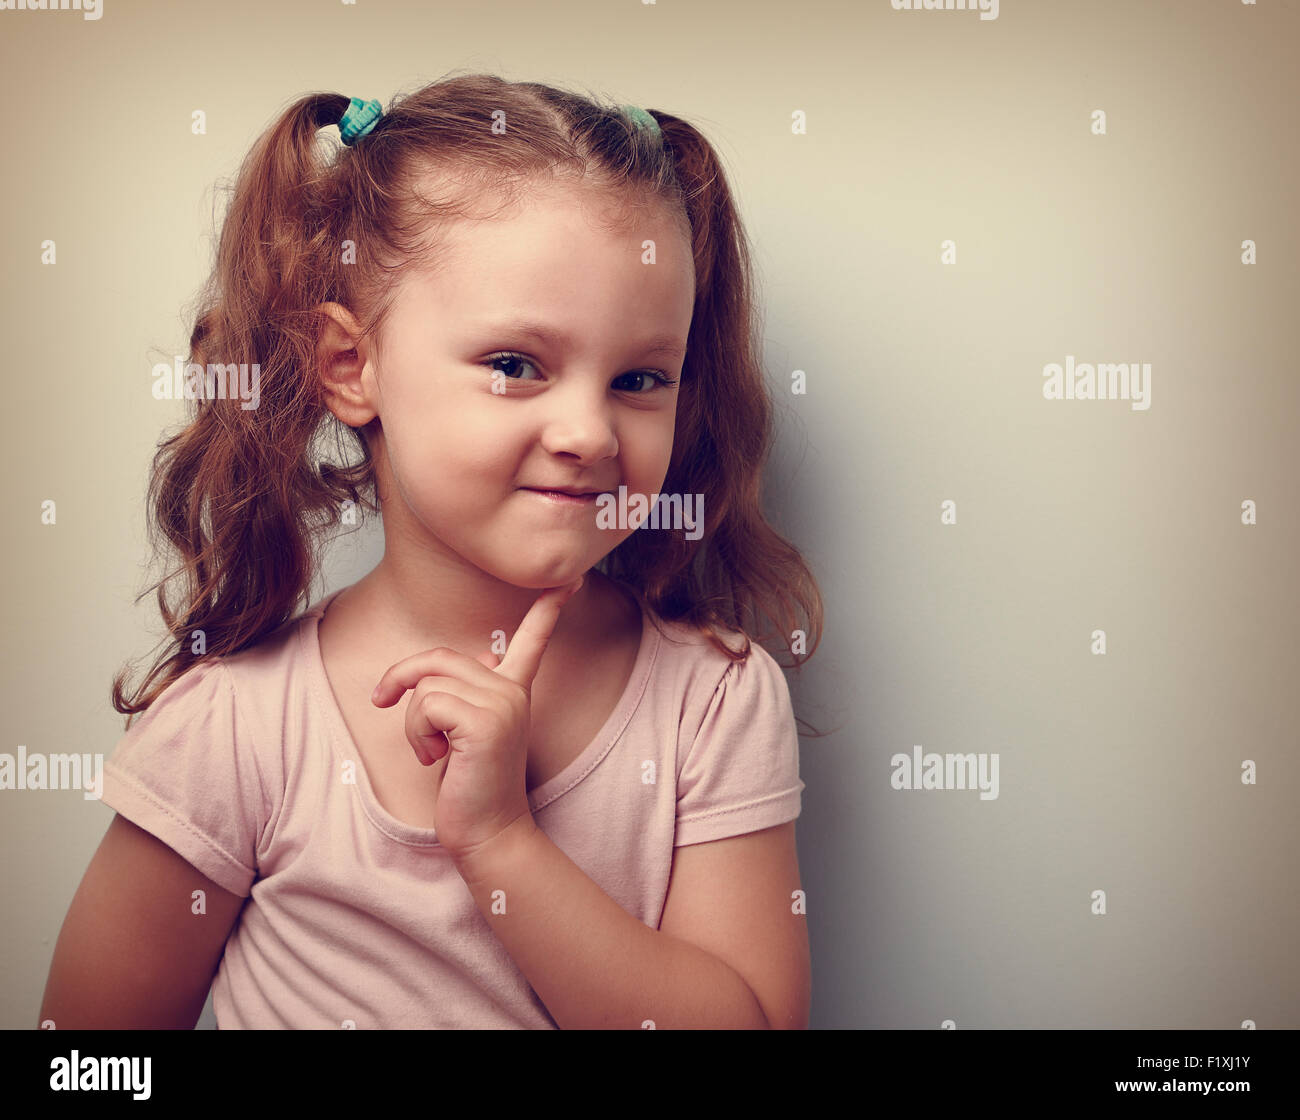 Astucia pensando en pequeño chico chica con dedo cerca mirando. Vintage closeup retrato Imagen De Stock